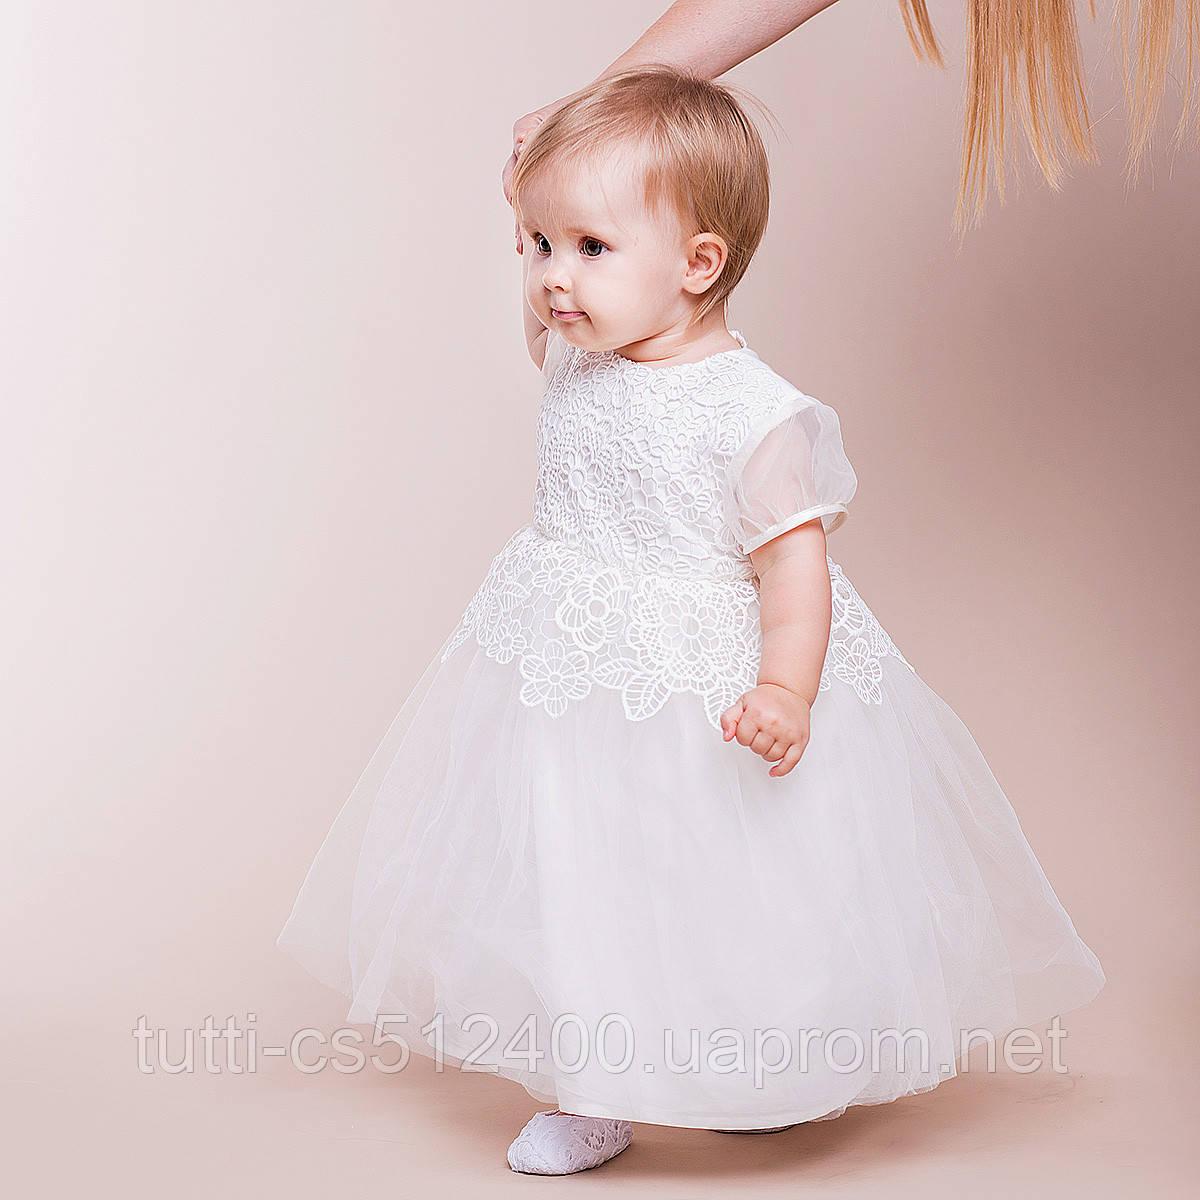 c2ecc82f85a Нарядное платье Глафира от Miminobaby молочное на 3 годика - Постельное  белье в интернет-магазине